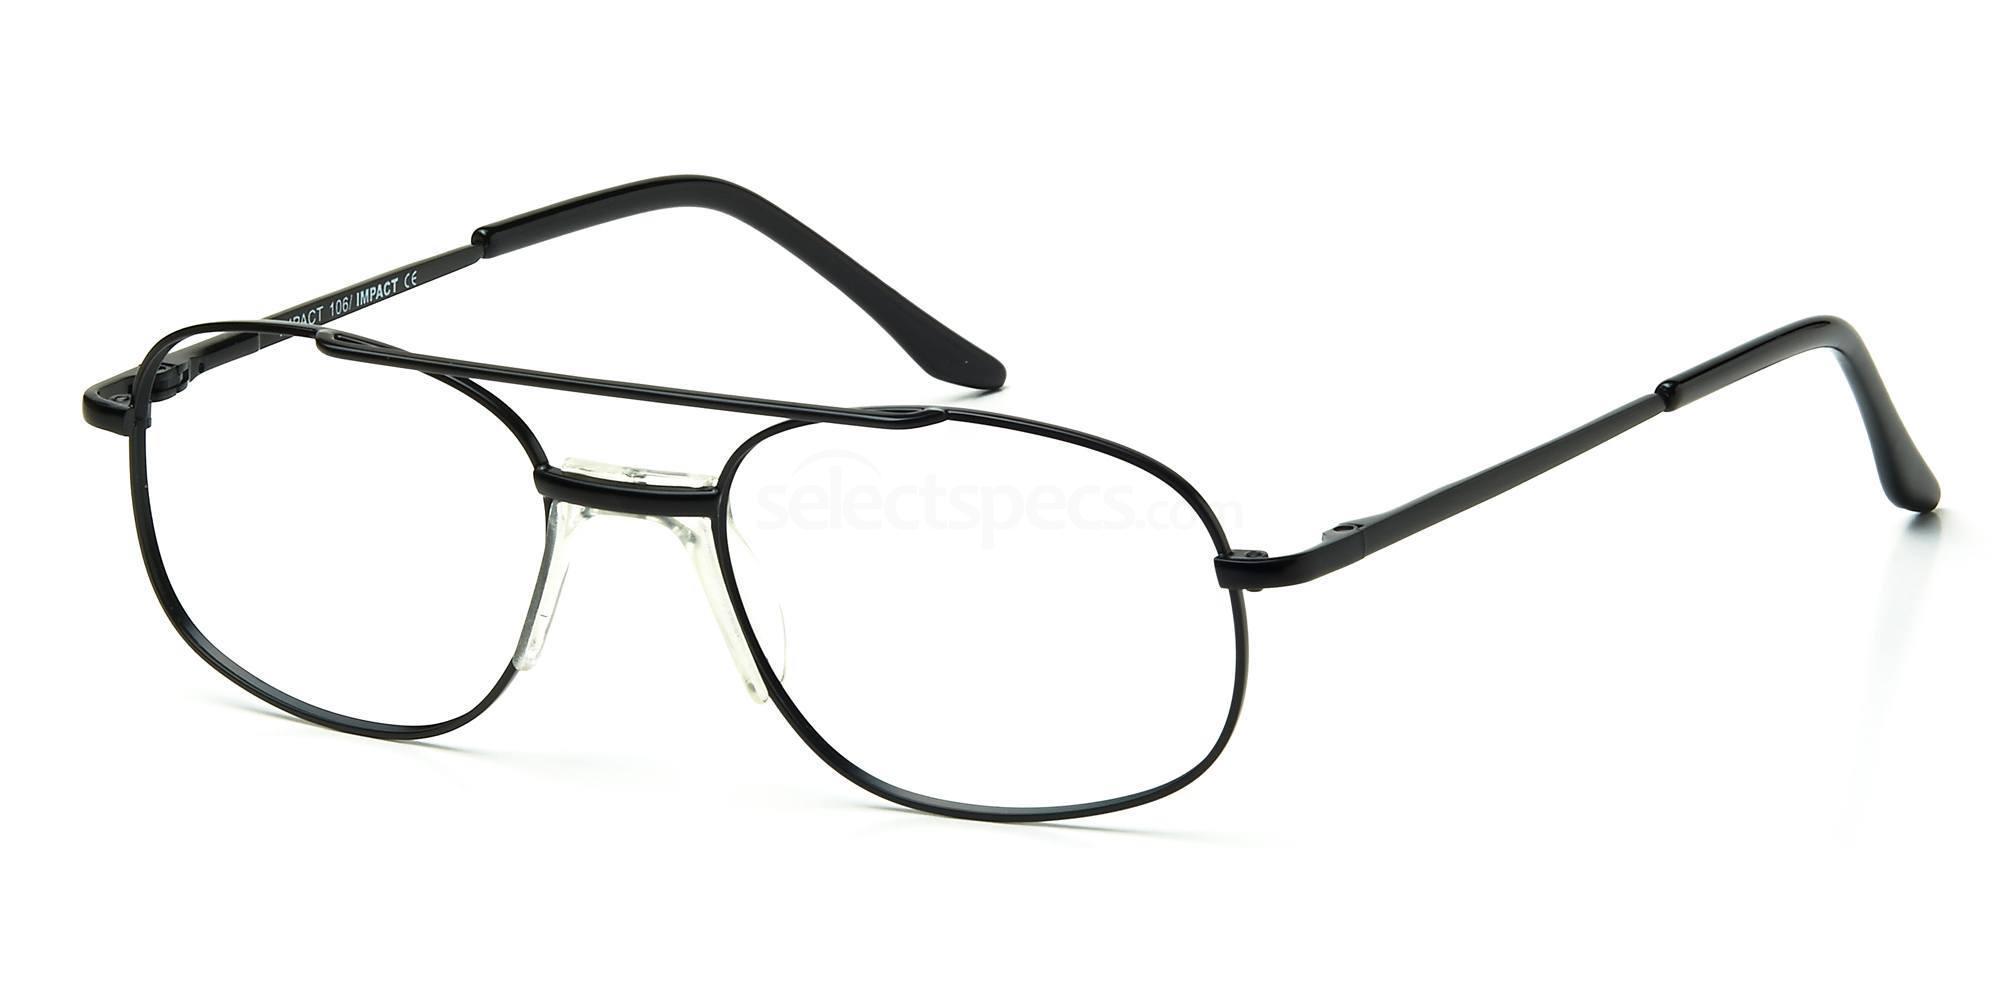 C1 IMPACT106 Glasses, Impact